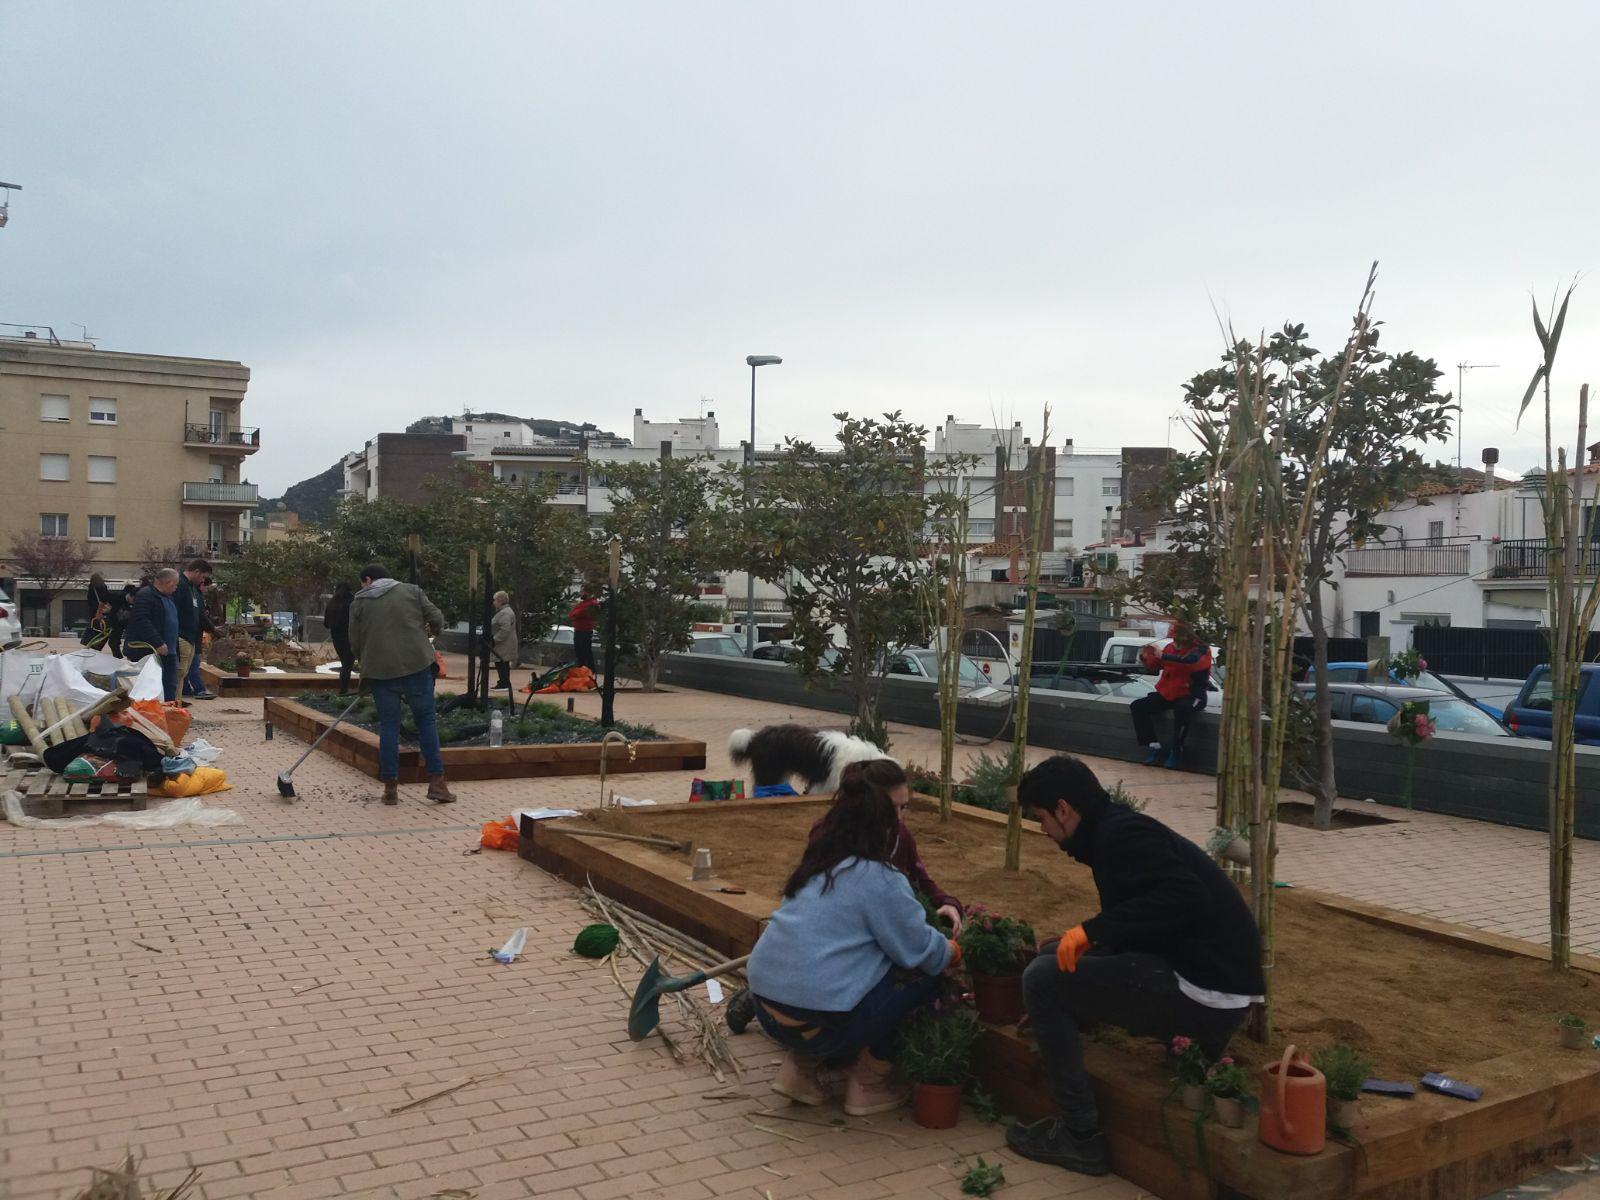 El Teatre Municipal de Roses acull del 8 al 10 de març un congrés sobre espais verds amb 200 participants